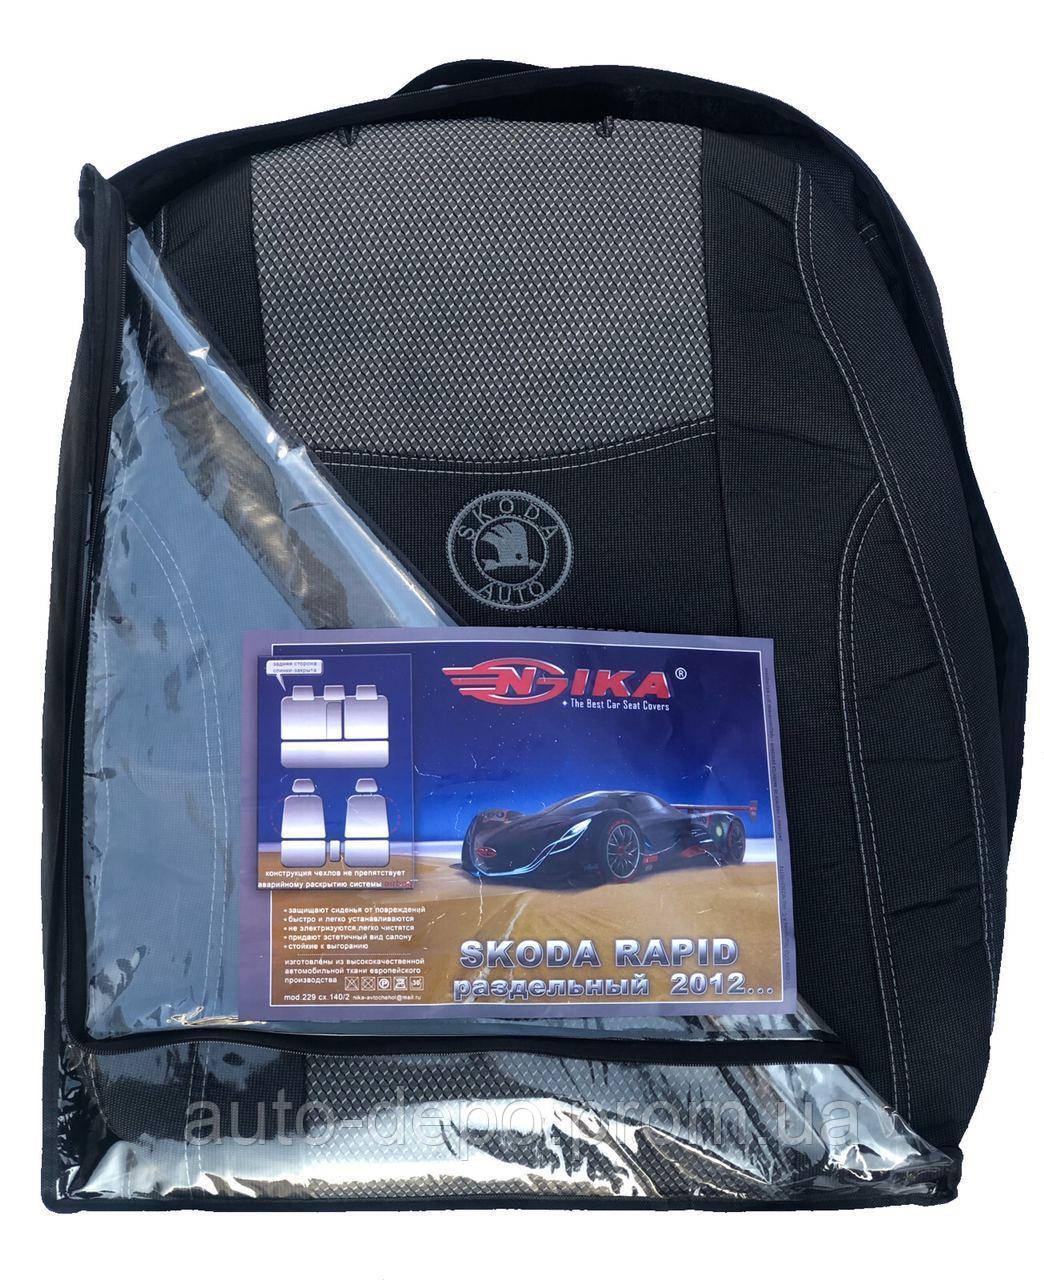 Авточехлы для Шкода Рапид, Skoda Rapid 2012- з/сп (раздельная) Nika полный комплект